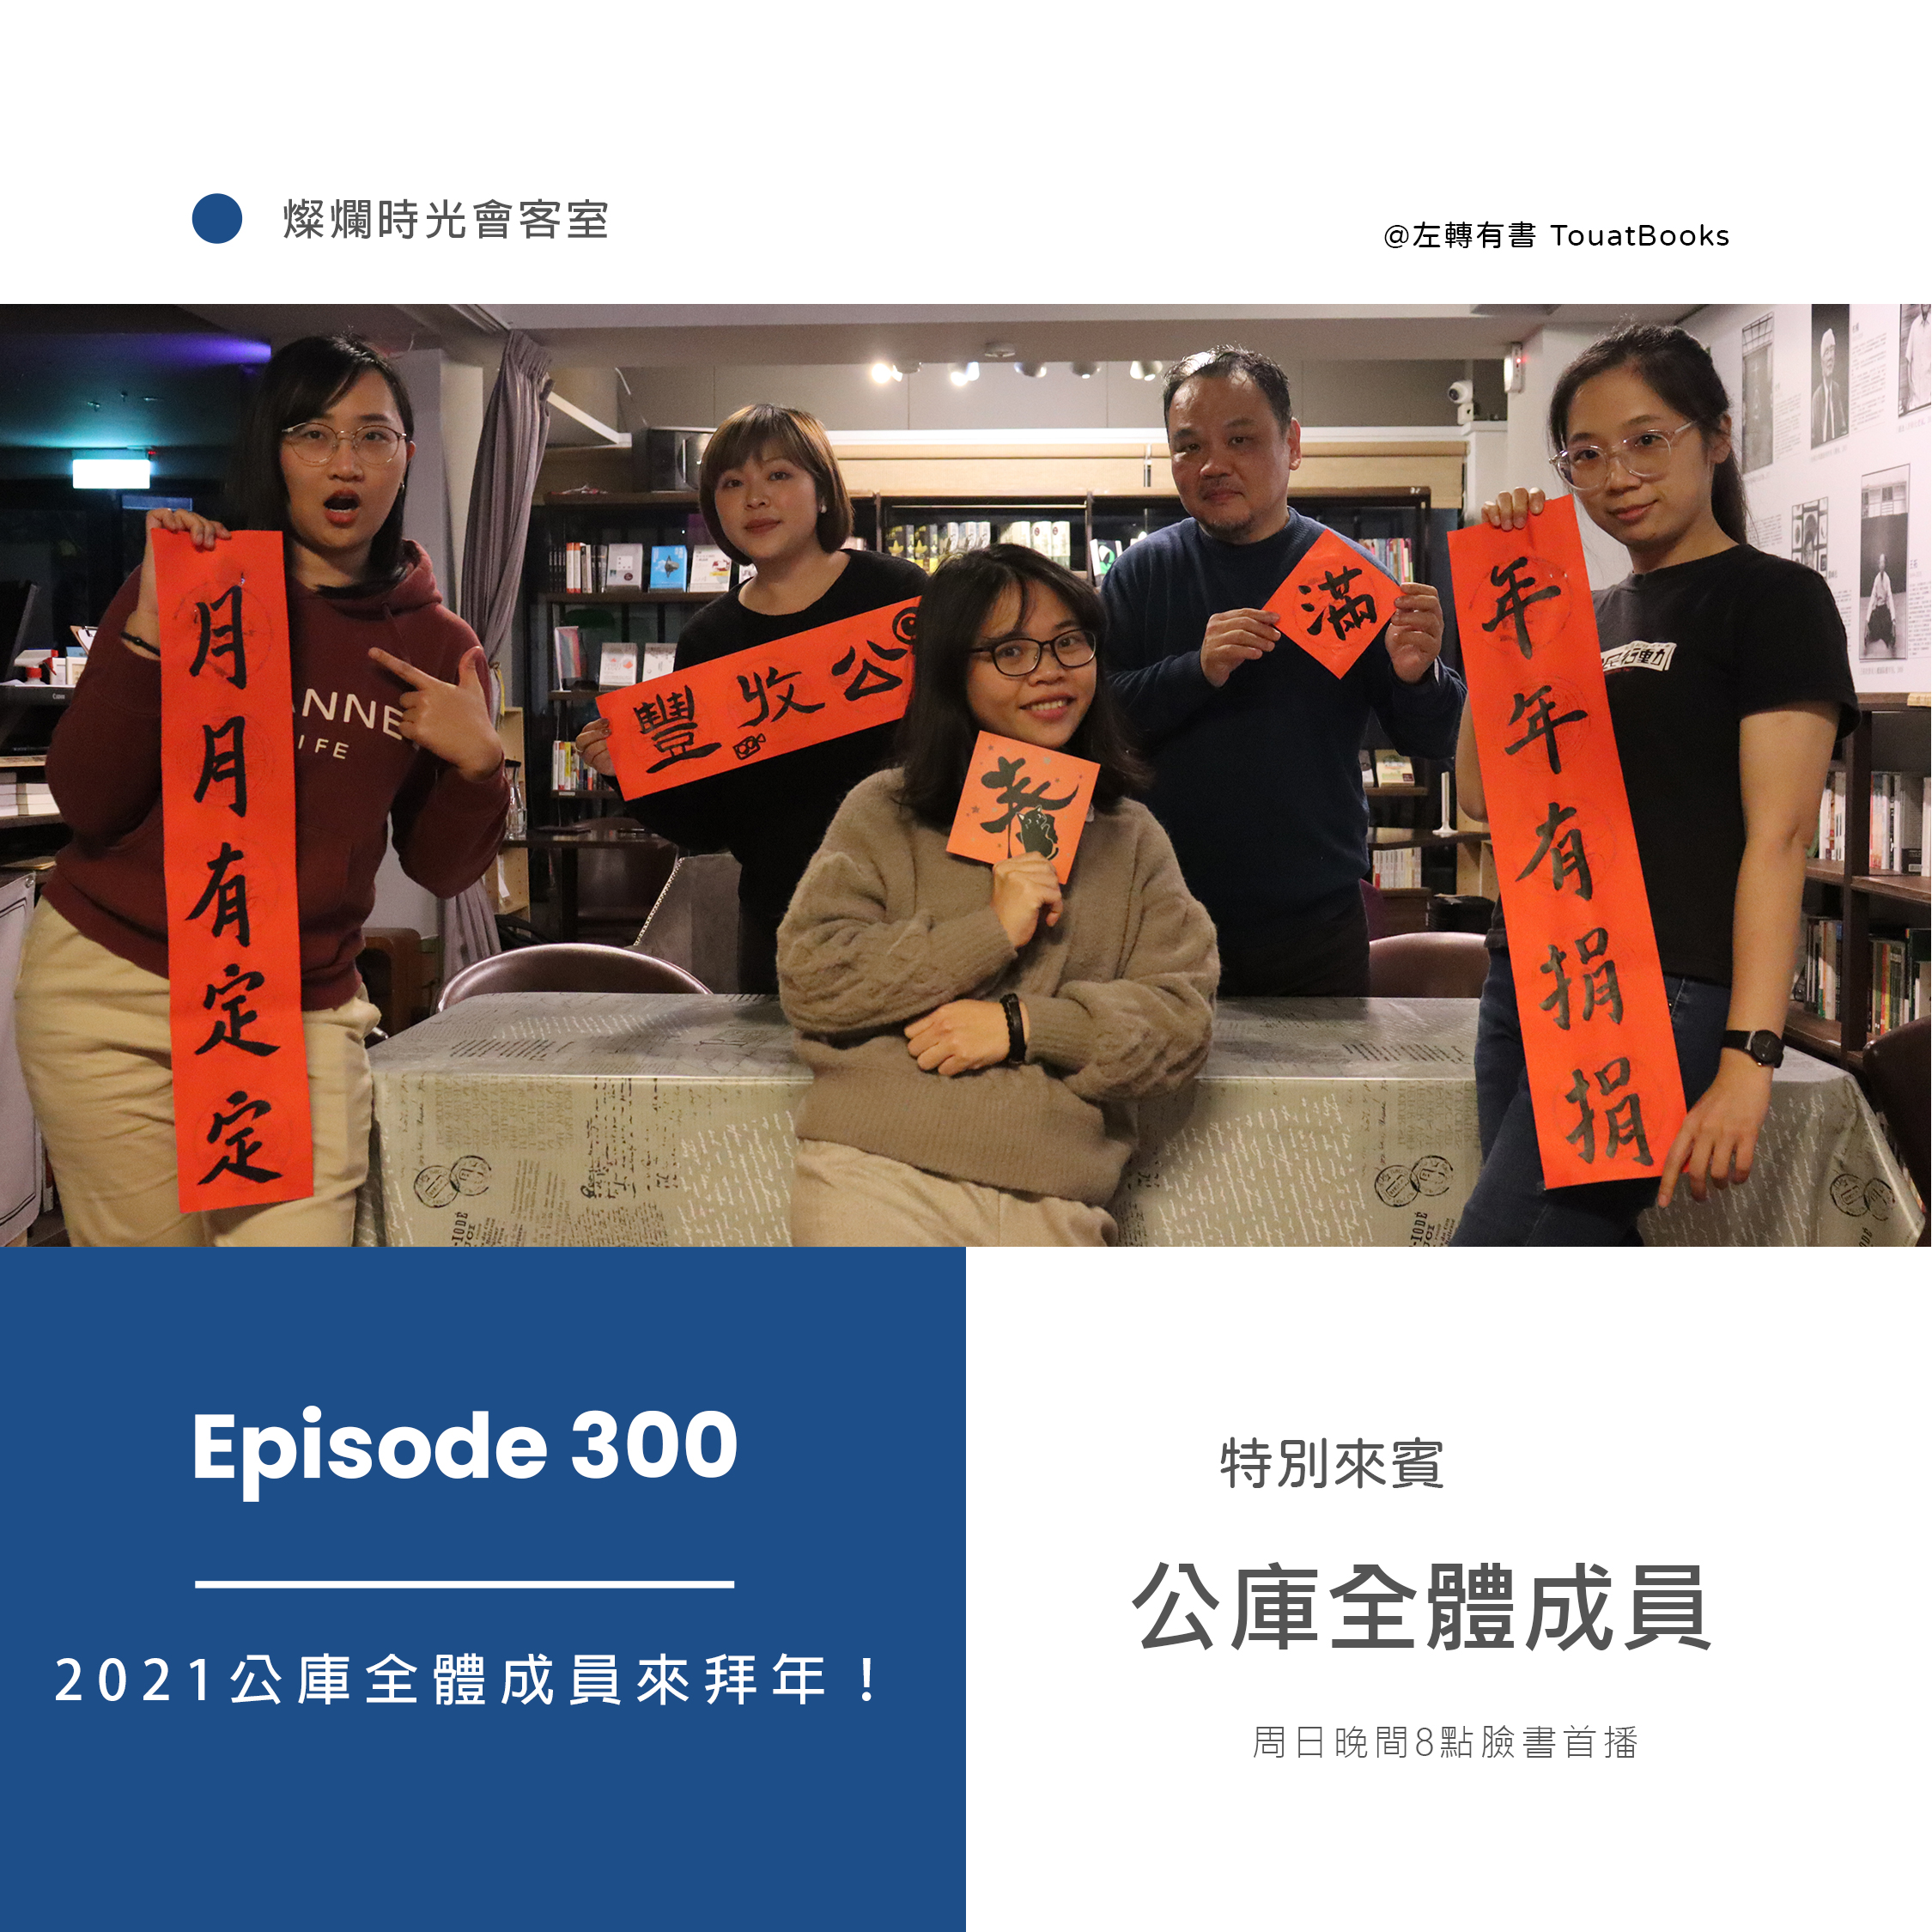 《燦爛時光會客室》#300 2021公庫全體成員來拜年!|20210214